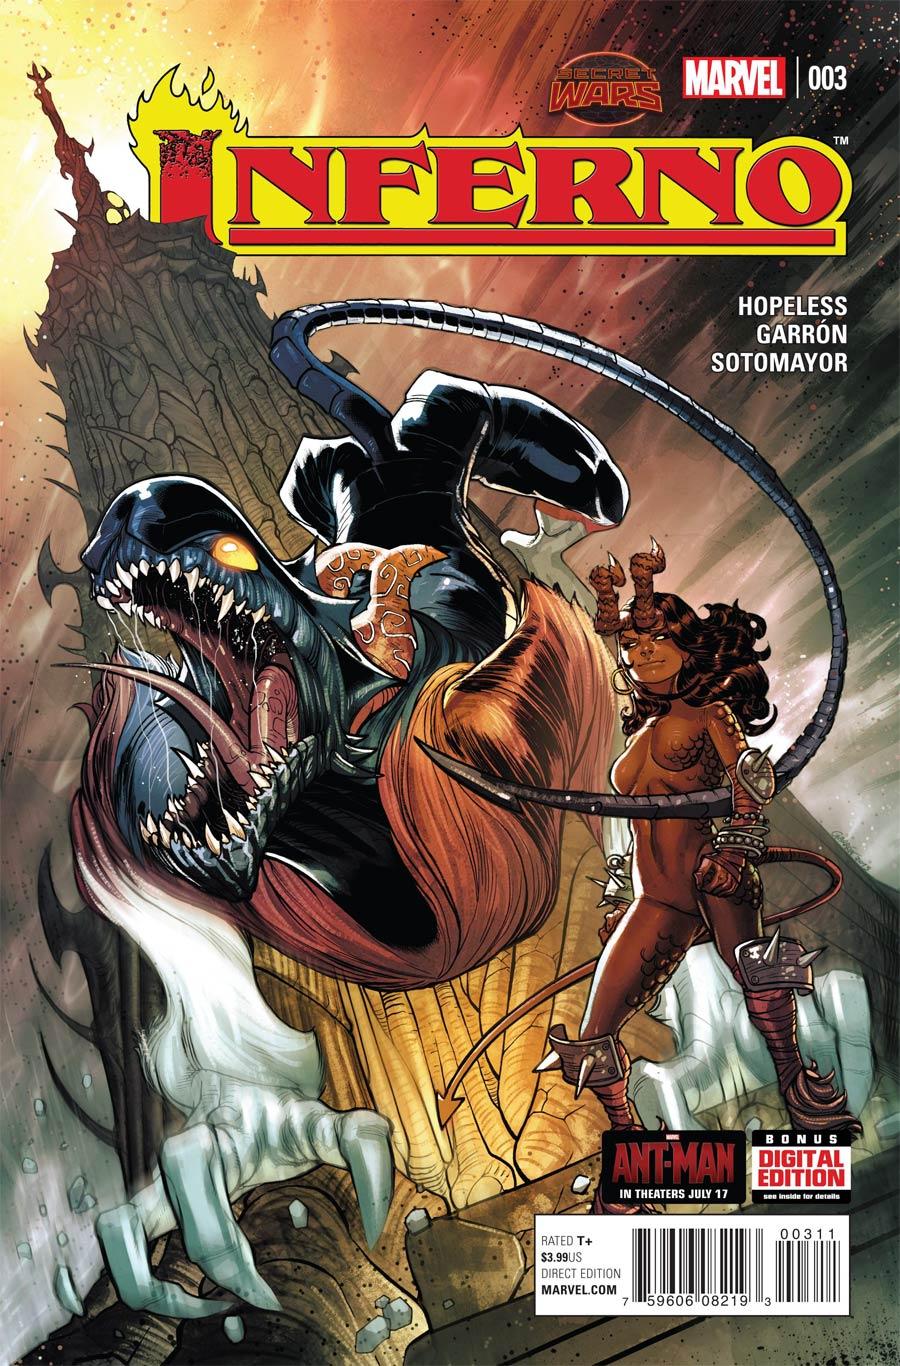 Inferno #3 Cover A Regular Javier Garron Cover (Secret Wars Warzones Tie-In)